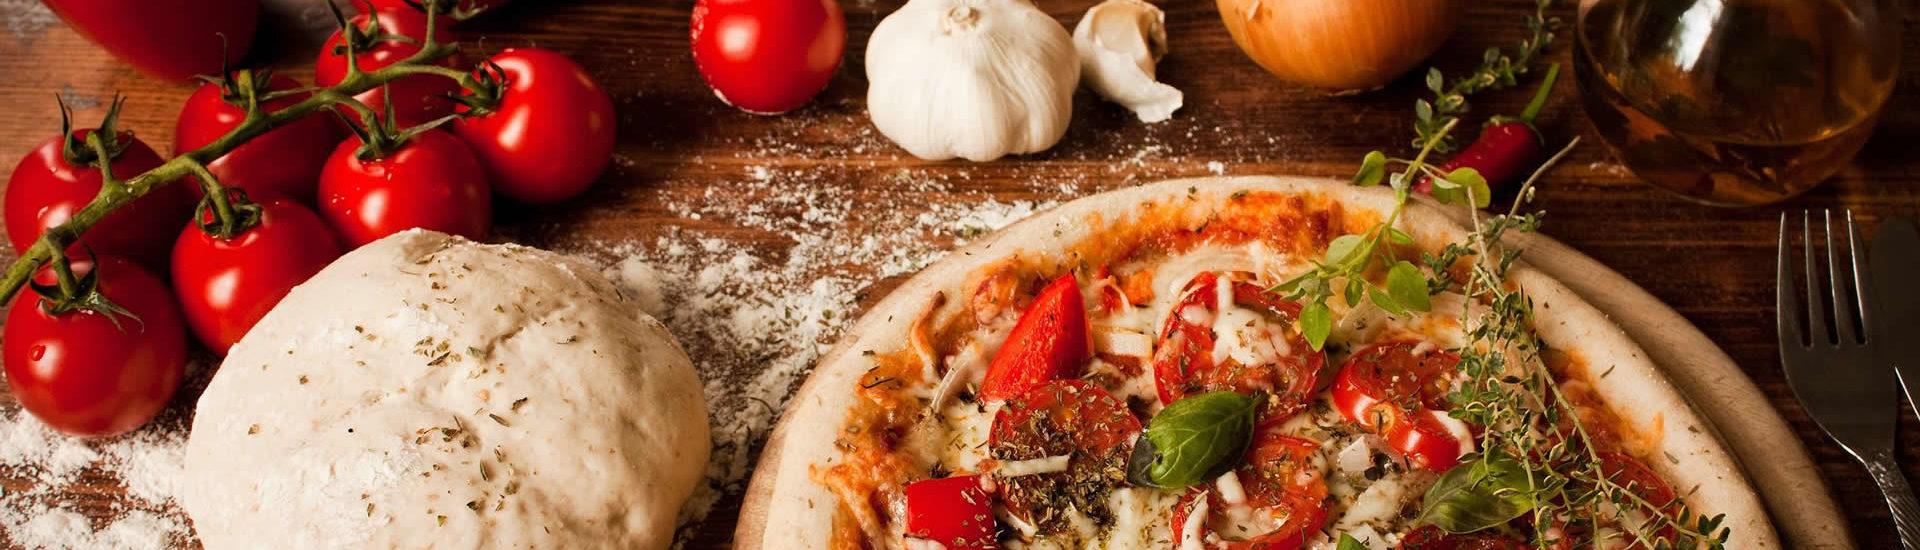 Pizza Dok Milano Pizza E Hamburger A Domicilio